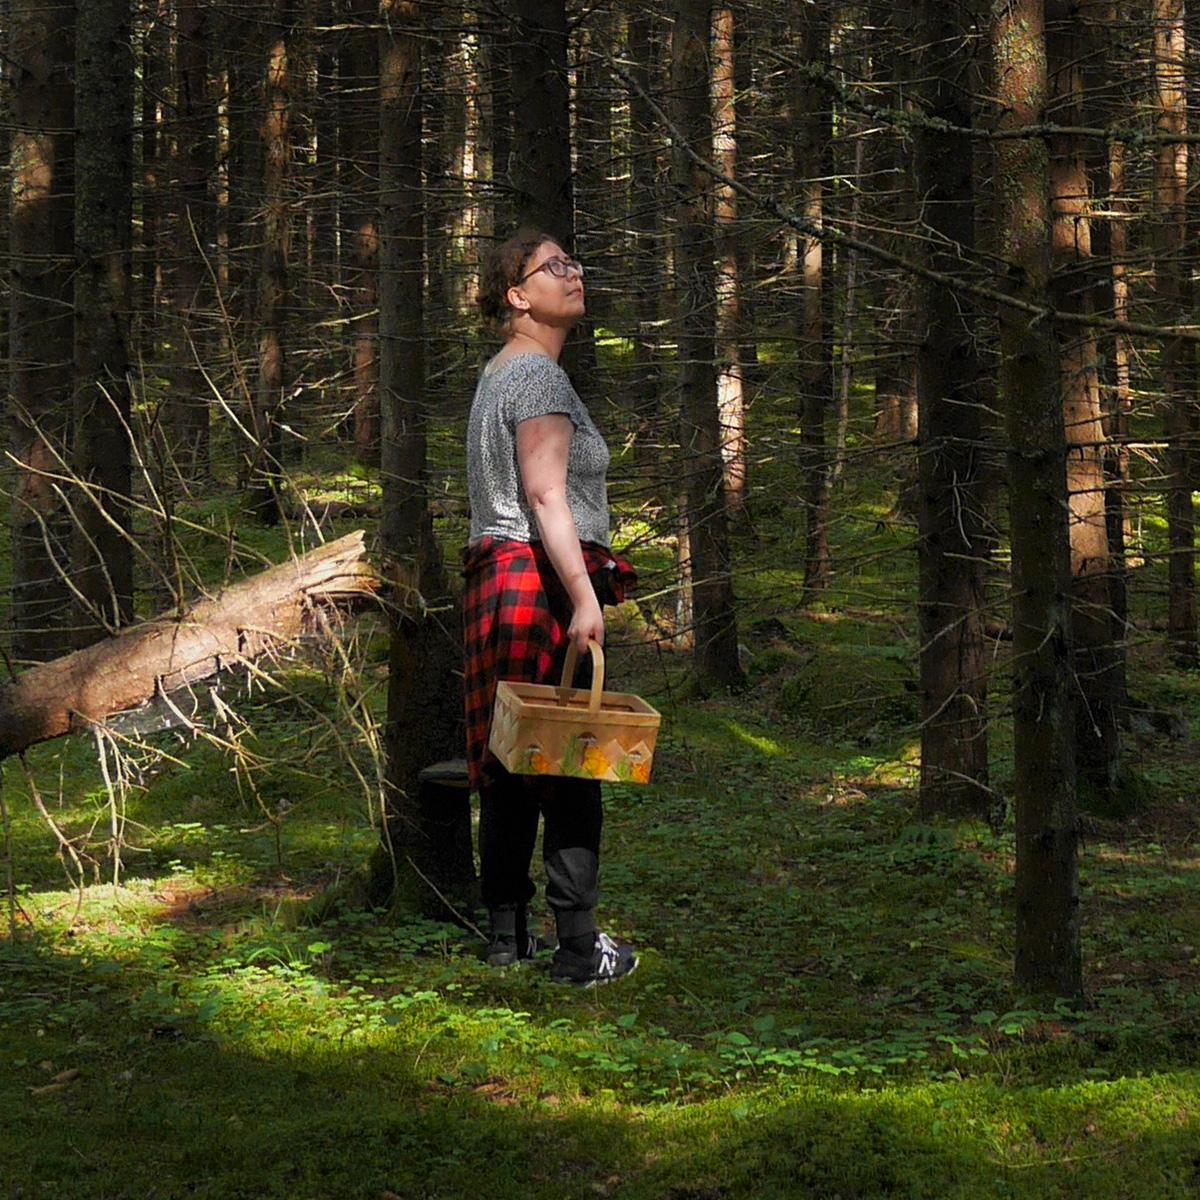 Nainen t-paidassa ja sienikori kädessä hämyisessä metsässä.